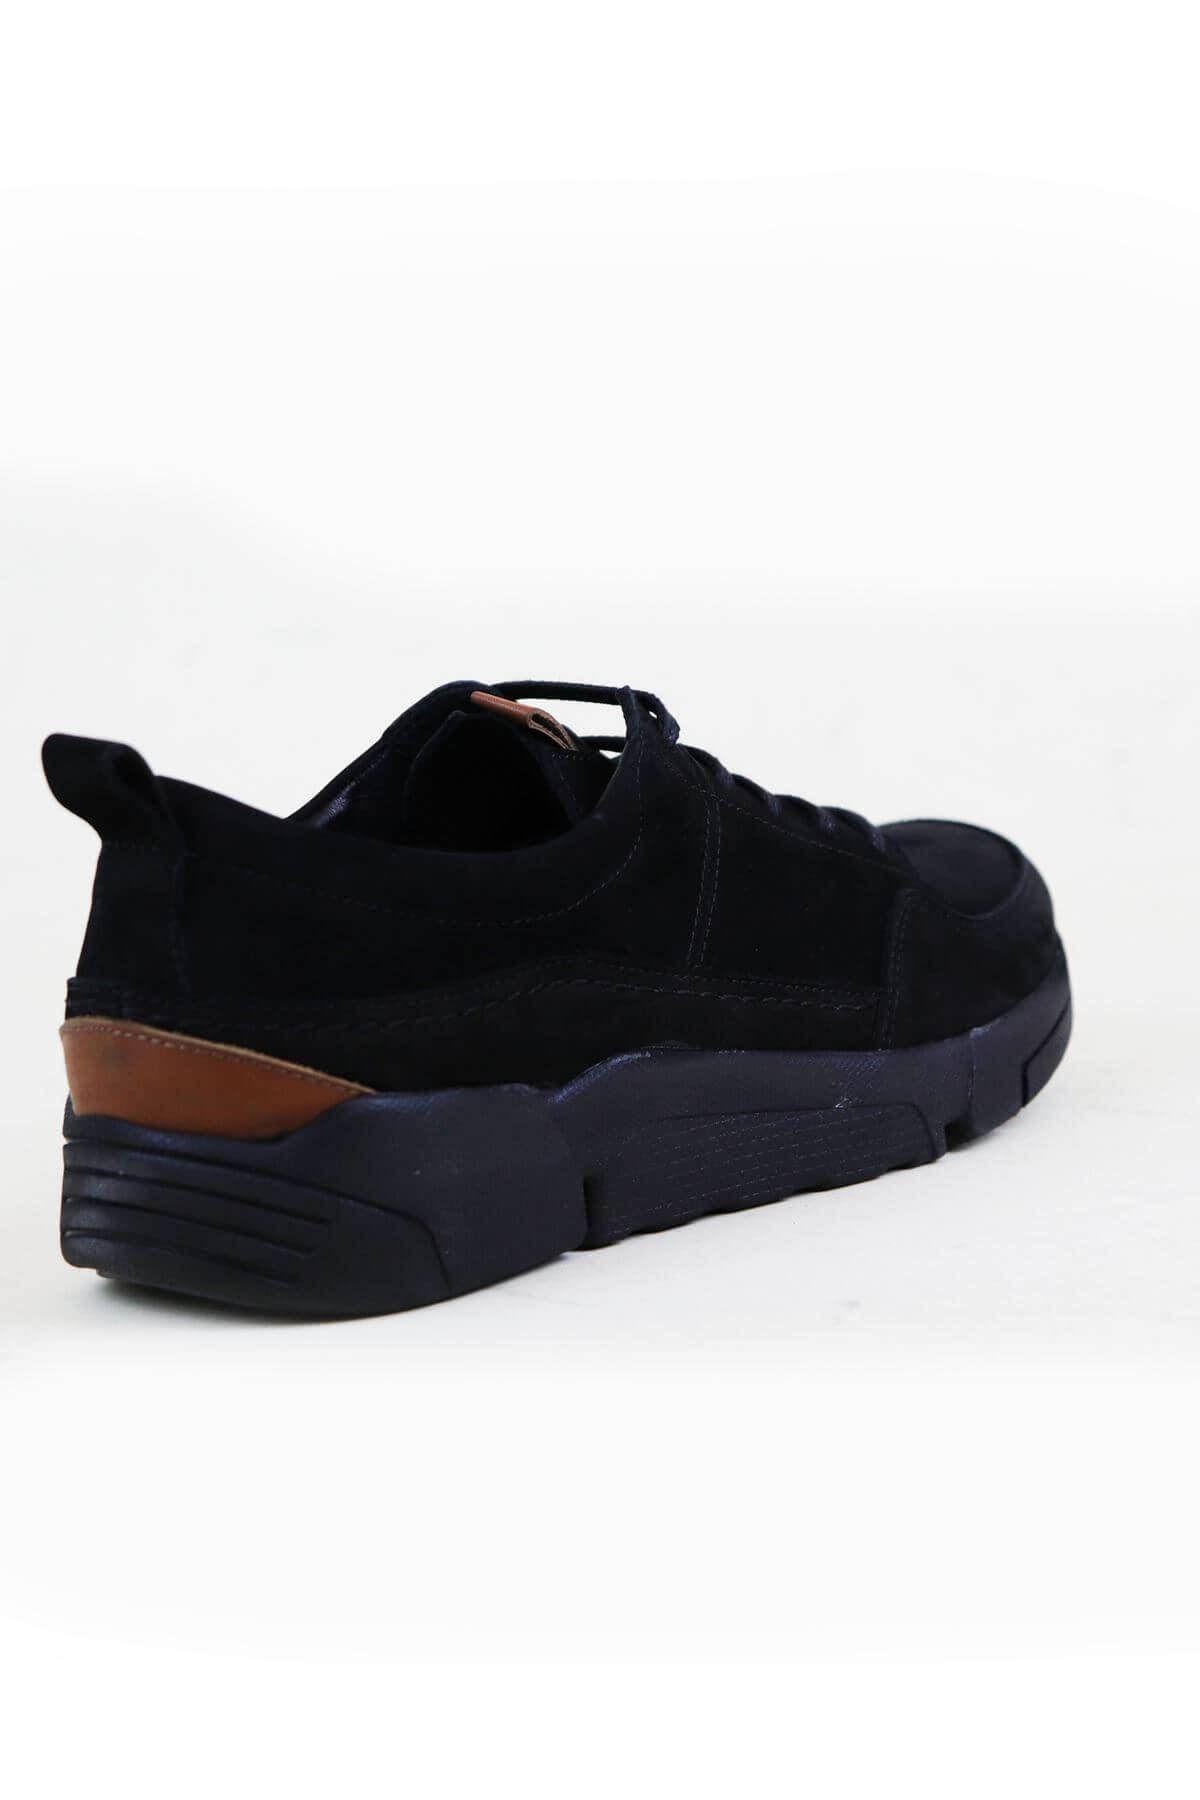 Free Foot 4101 Hakiki Deri Erkek Ayakkabısı